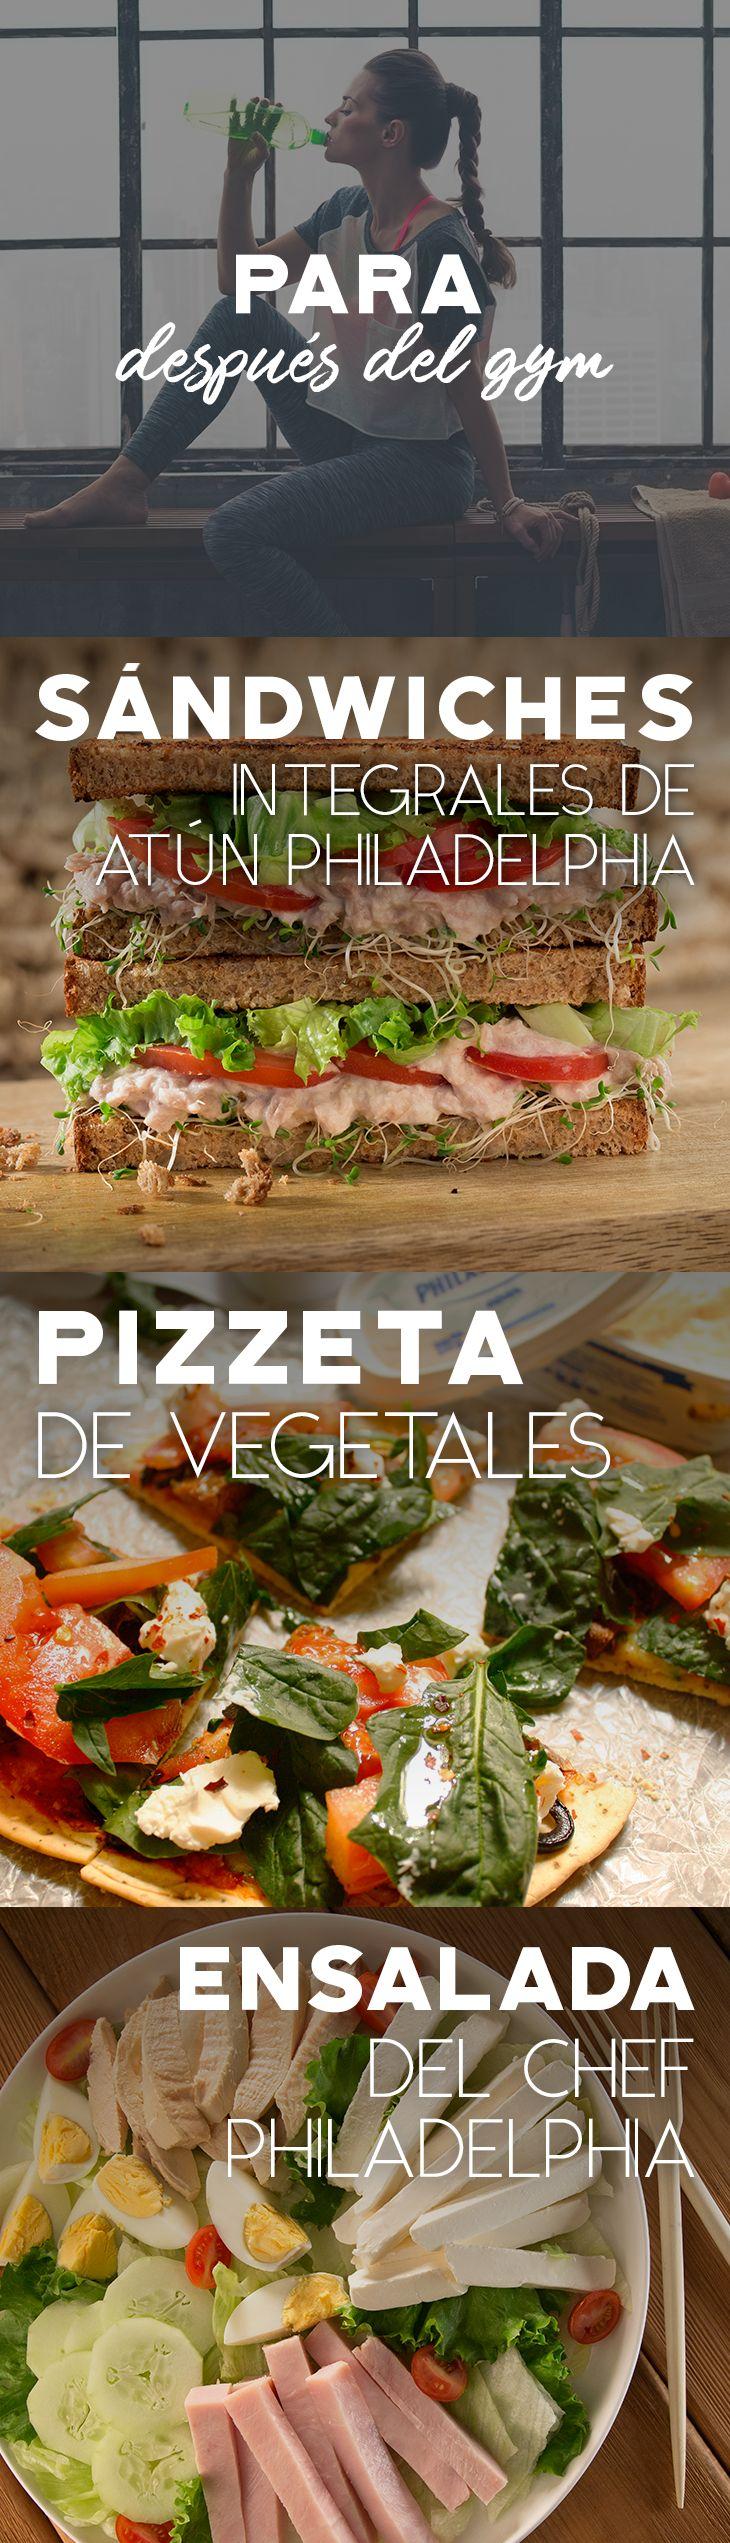 Disfruta de una rica y sana receta para saborear después del gym. ¿Cuál vas a preparar?   #Philadelphia #Queso #QuesoPhiladelphia #QuesoCrema #QuesoPhiladelphia #receta #recetas #pizzeta #vegetales #sandwich #ensalada